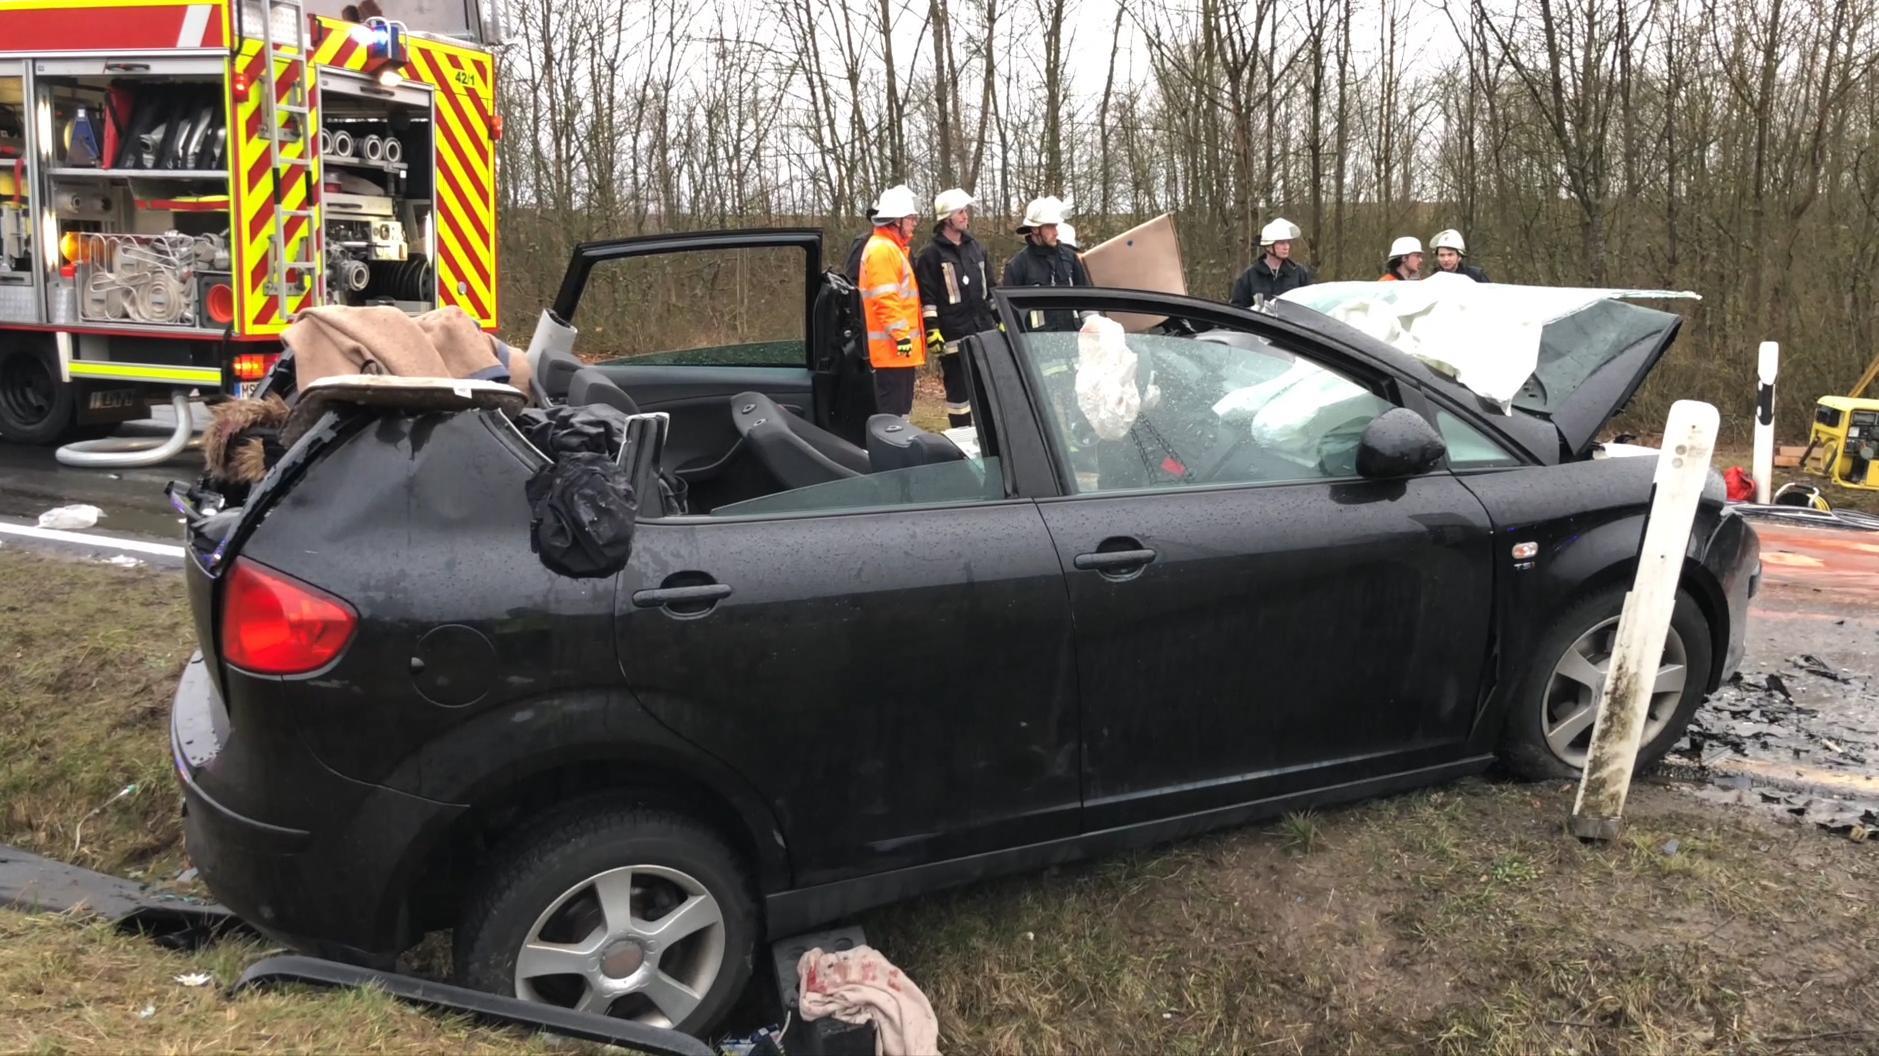 Ein 61-jähriger Mann und seine 58-jährige Ehefrau aus dem Landkreis Main-Spessart sind nach einem Autounfall zwischen Karlburg und Wiesenfeld gestorben. Die Fahrerin des zweiten beteiligten Pkw, eine 18-Jährige, wurde lebensgefährlich verletzt.